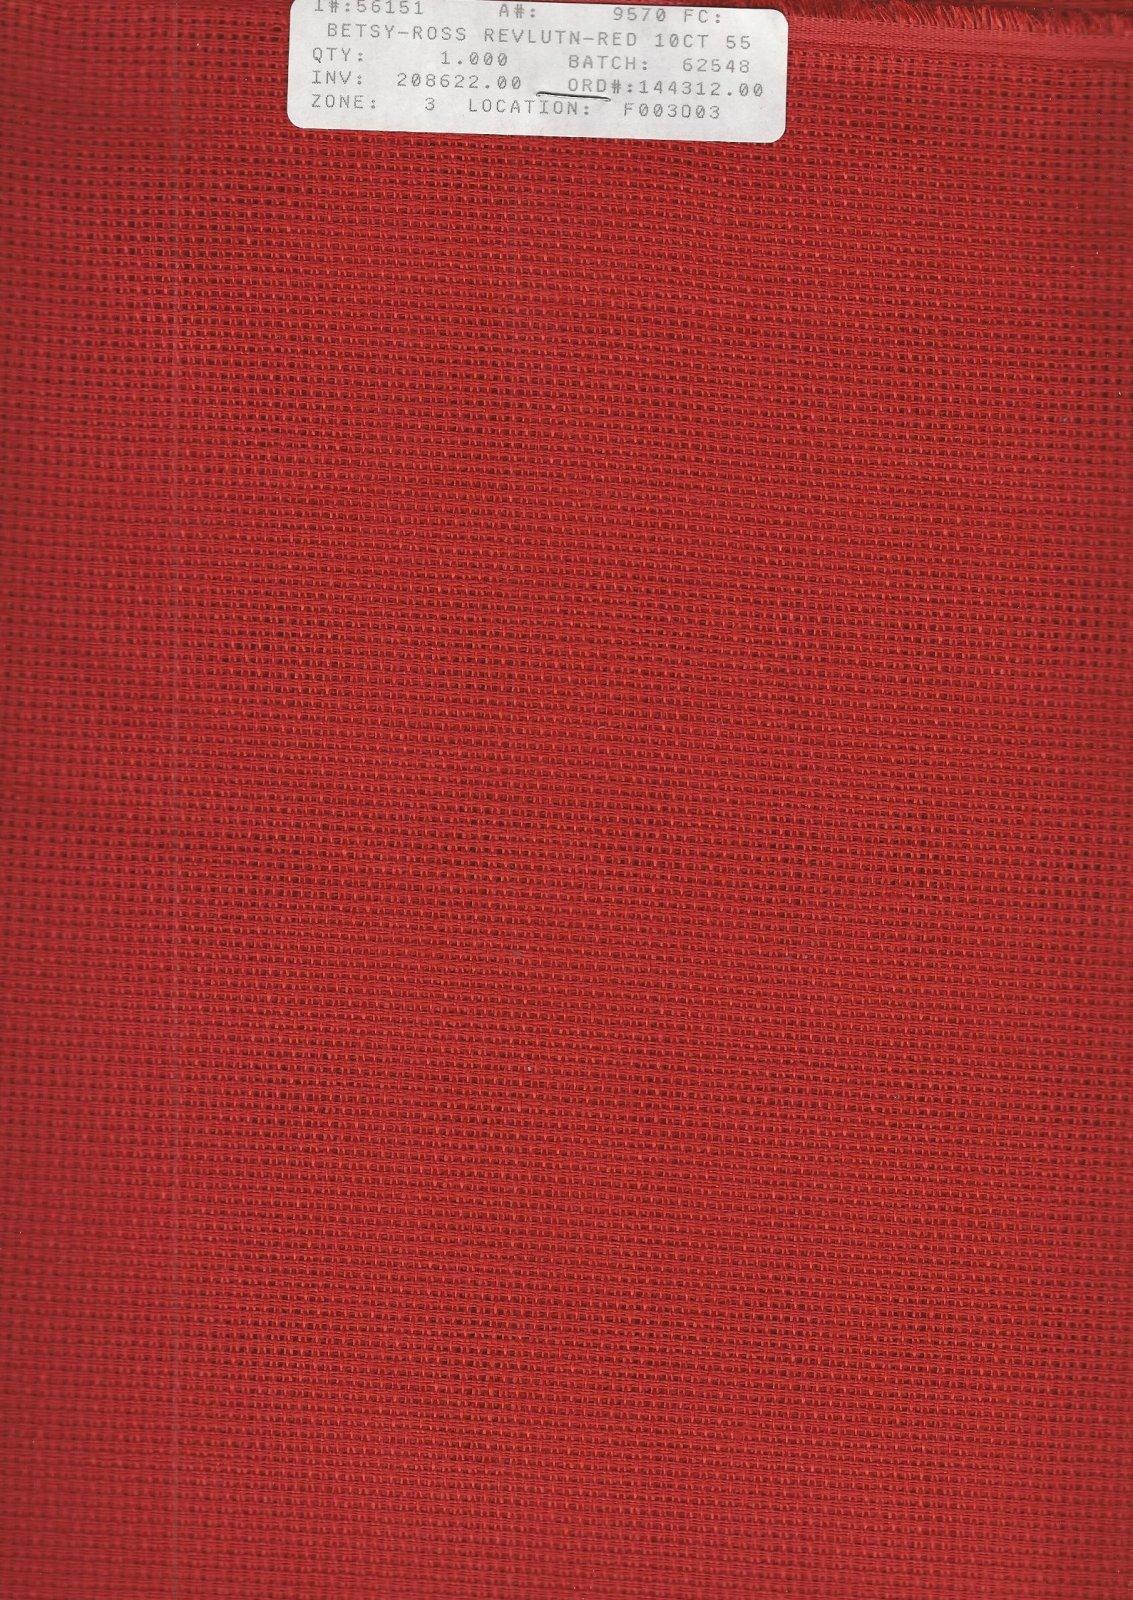 Betsy Ross 10ct Revolutionary Red